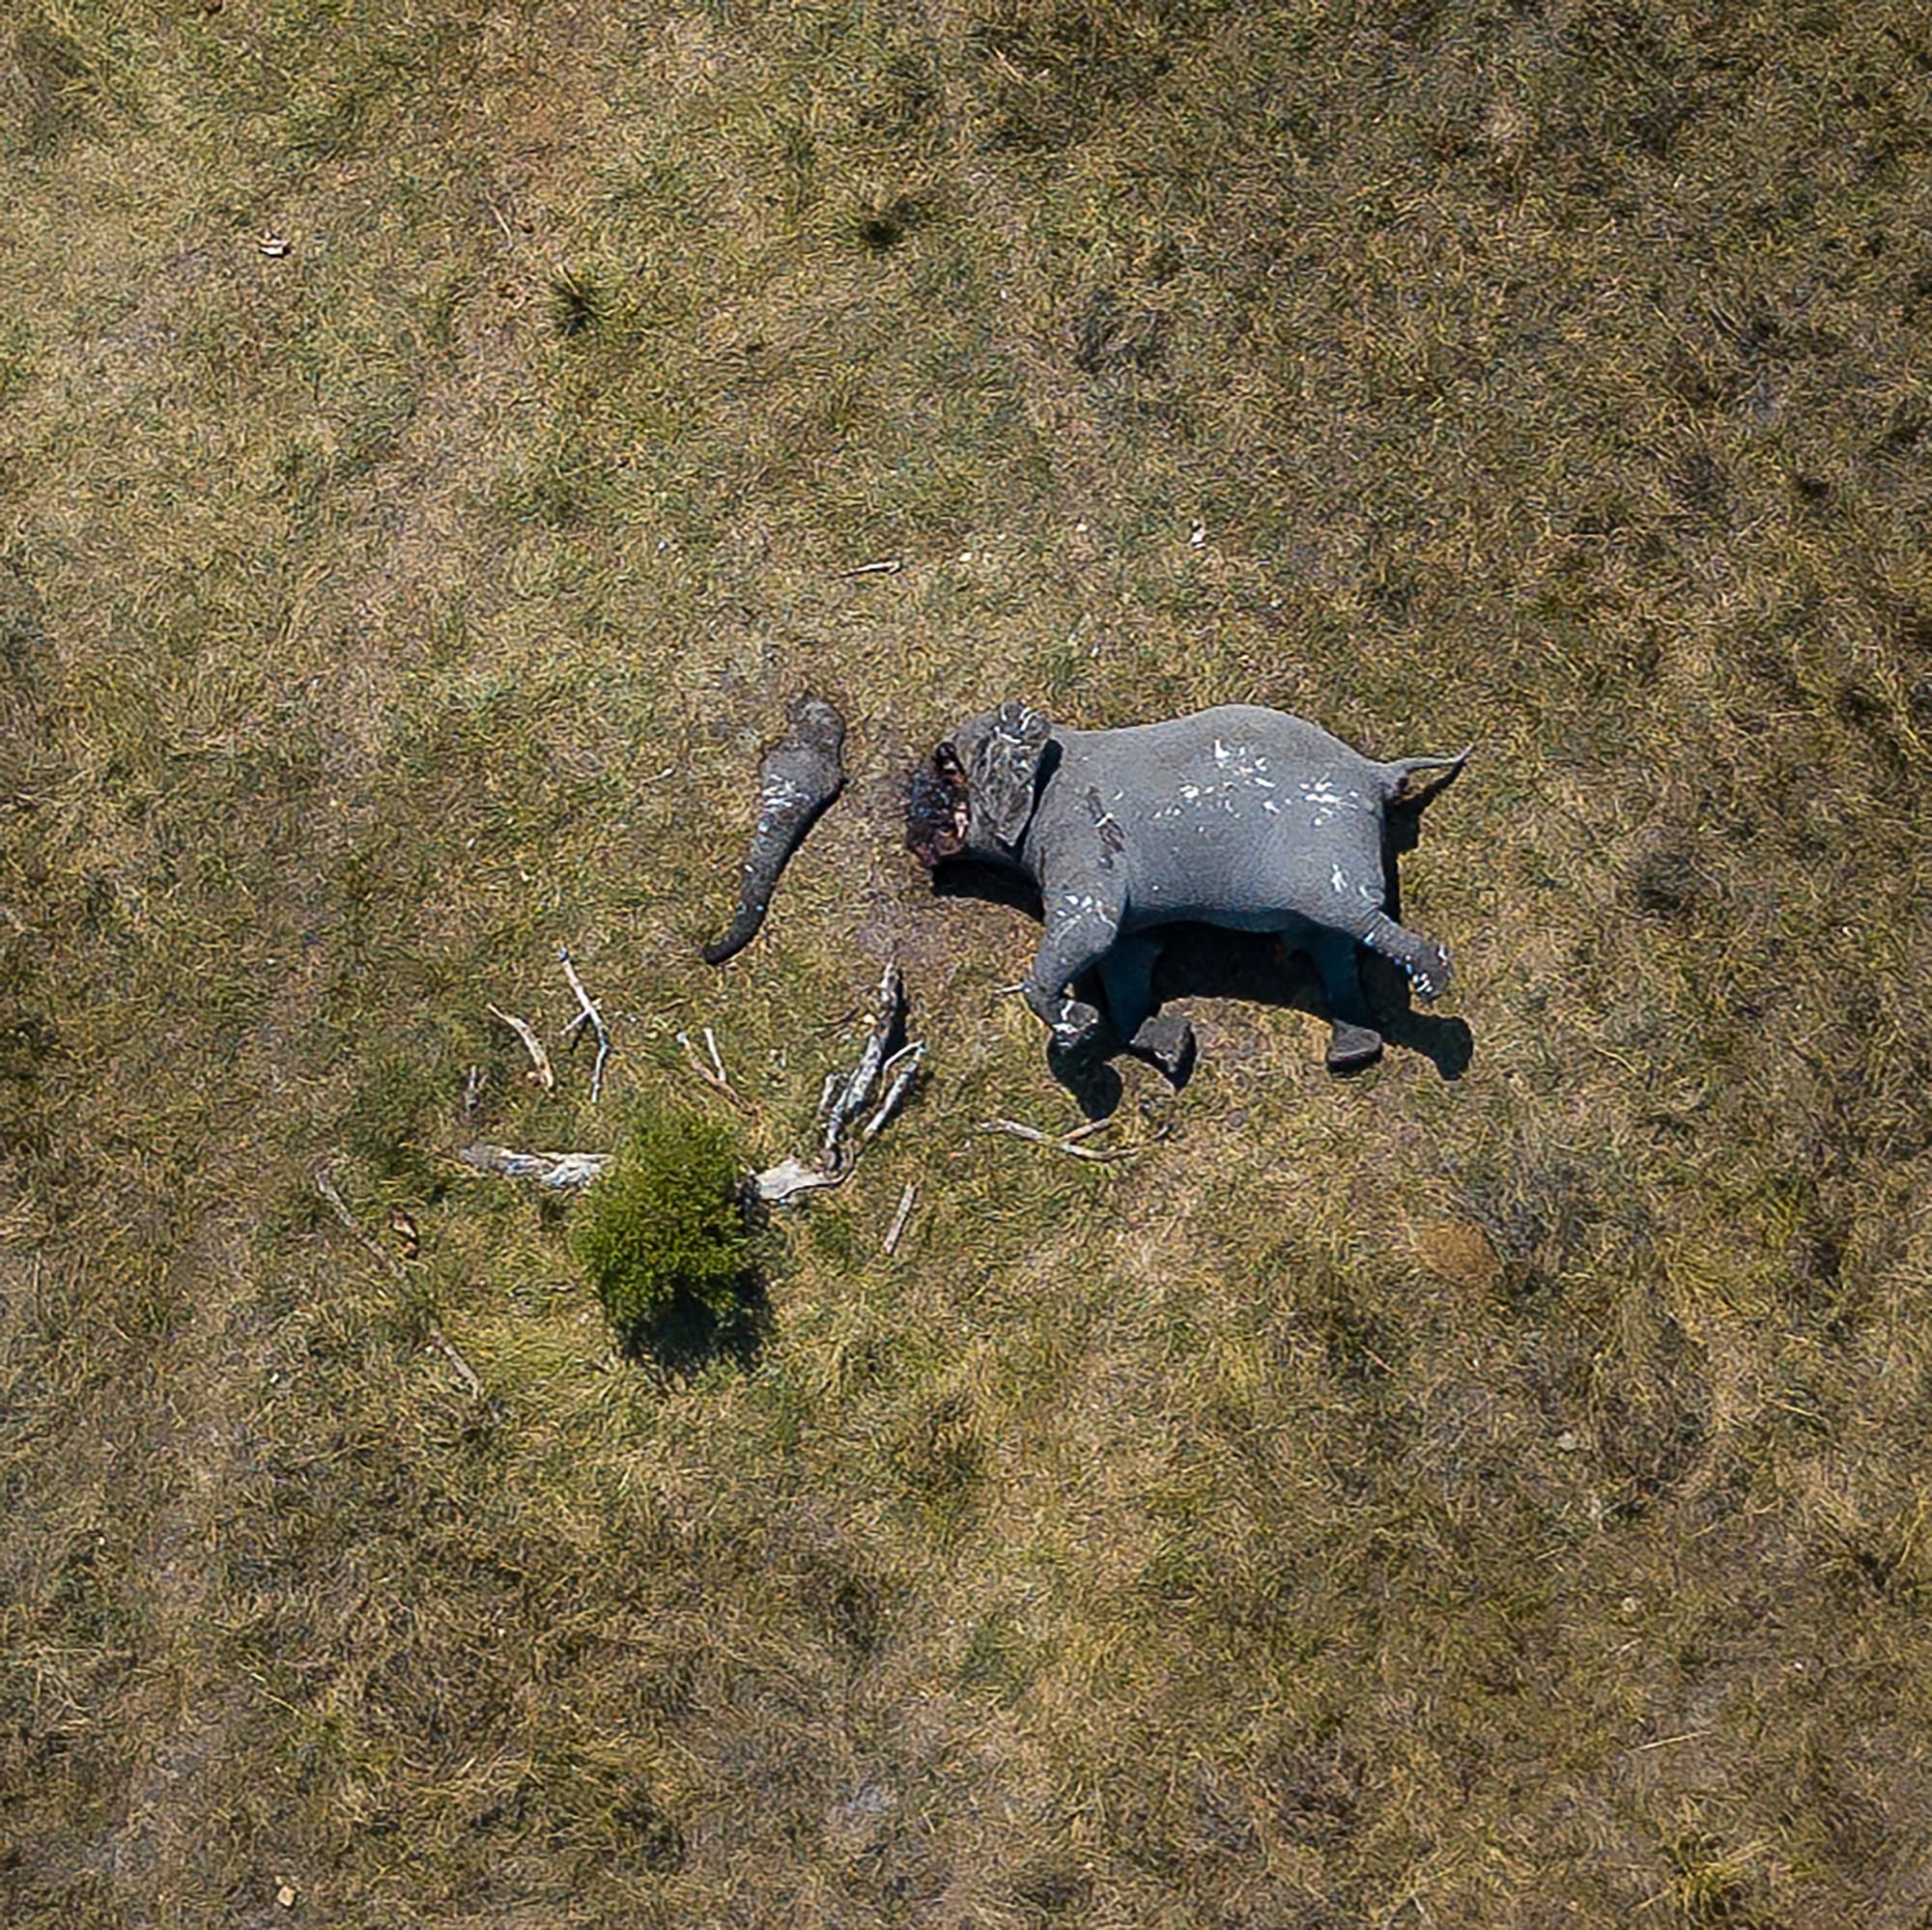 Tấm hình này đã bóc trần sự tàn nhẫn của nạn săn trộm thú hiếm, và nó đang khiến cả thế giới phẫn nộ - Ảnh 1.